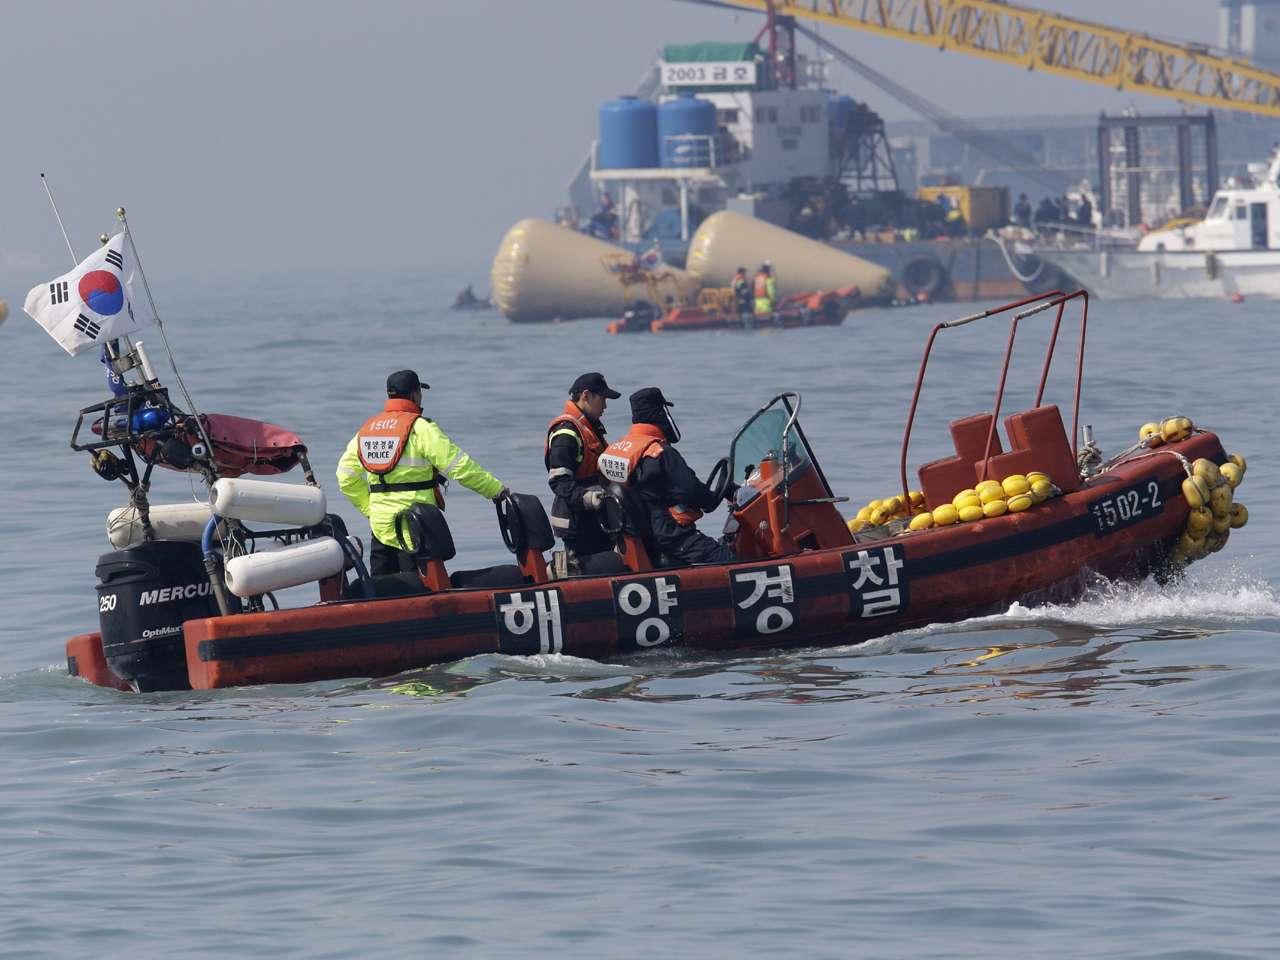 El pasado 16 de abril el ferri Sewol naufragó y dejó un saldo de 304 muertos, la mayoría estudiantes Foto: AFP/Archivo